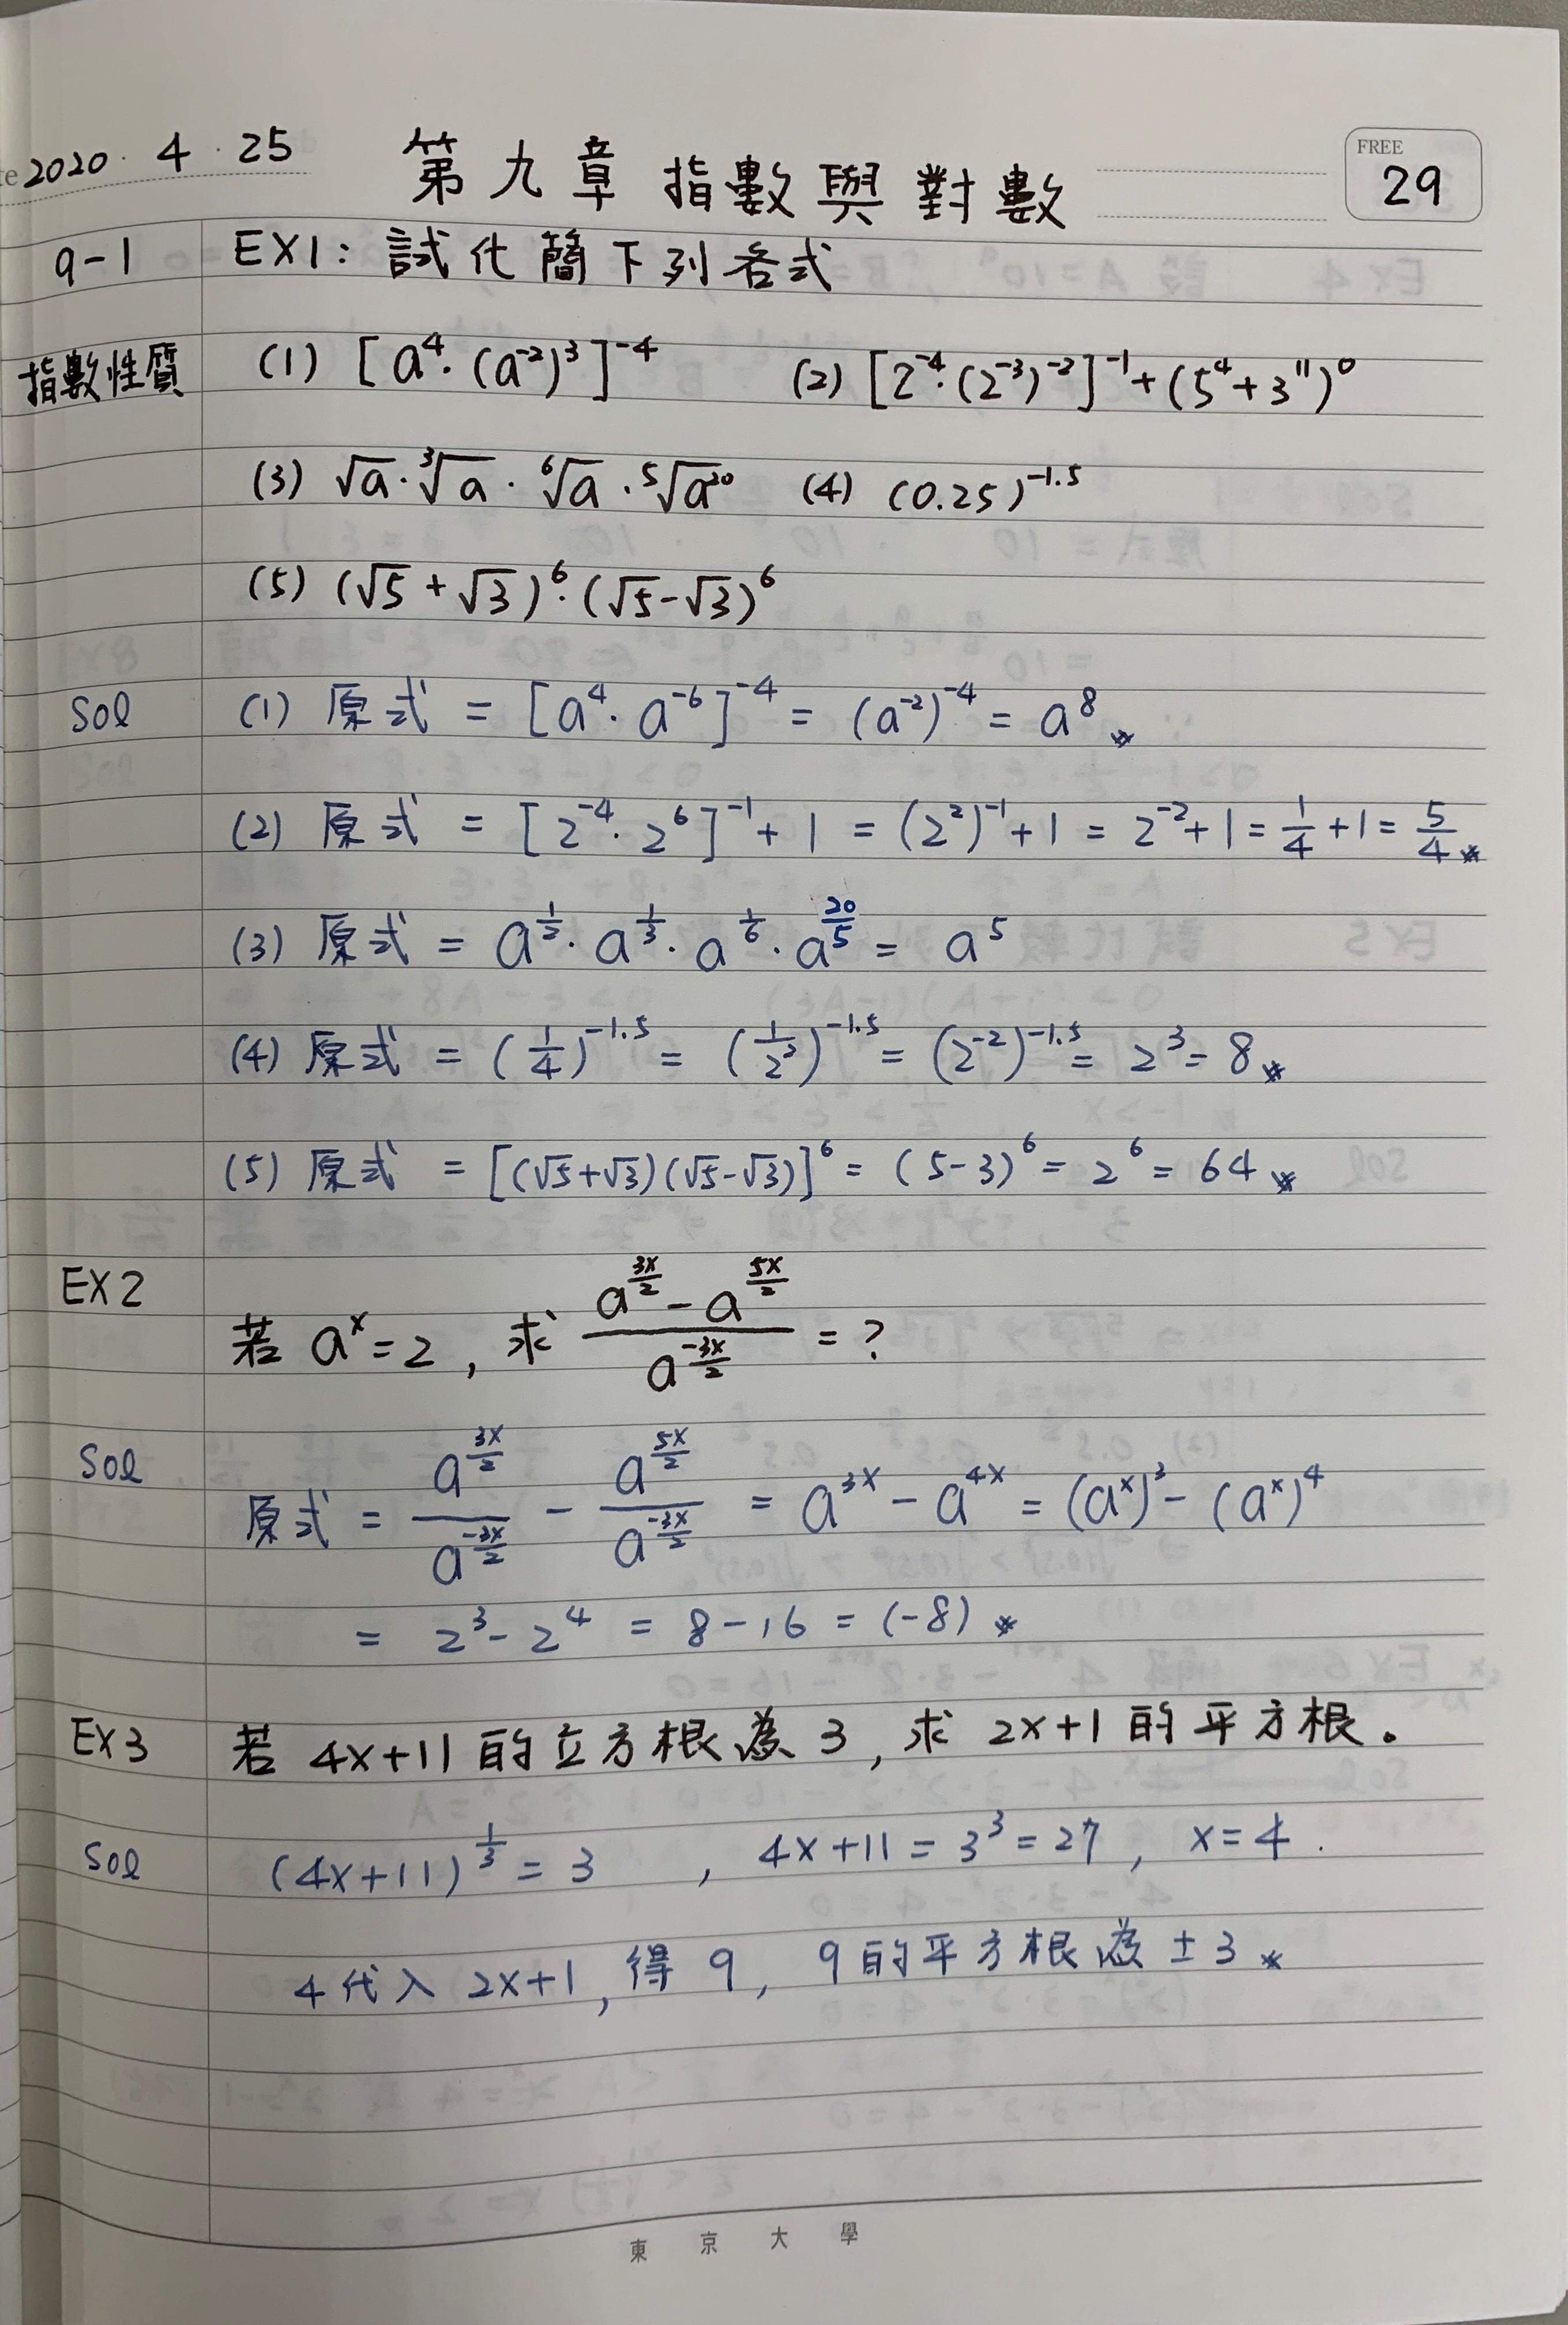 指數與對數及其運算 | 數老師